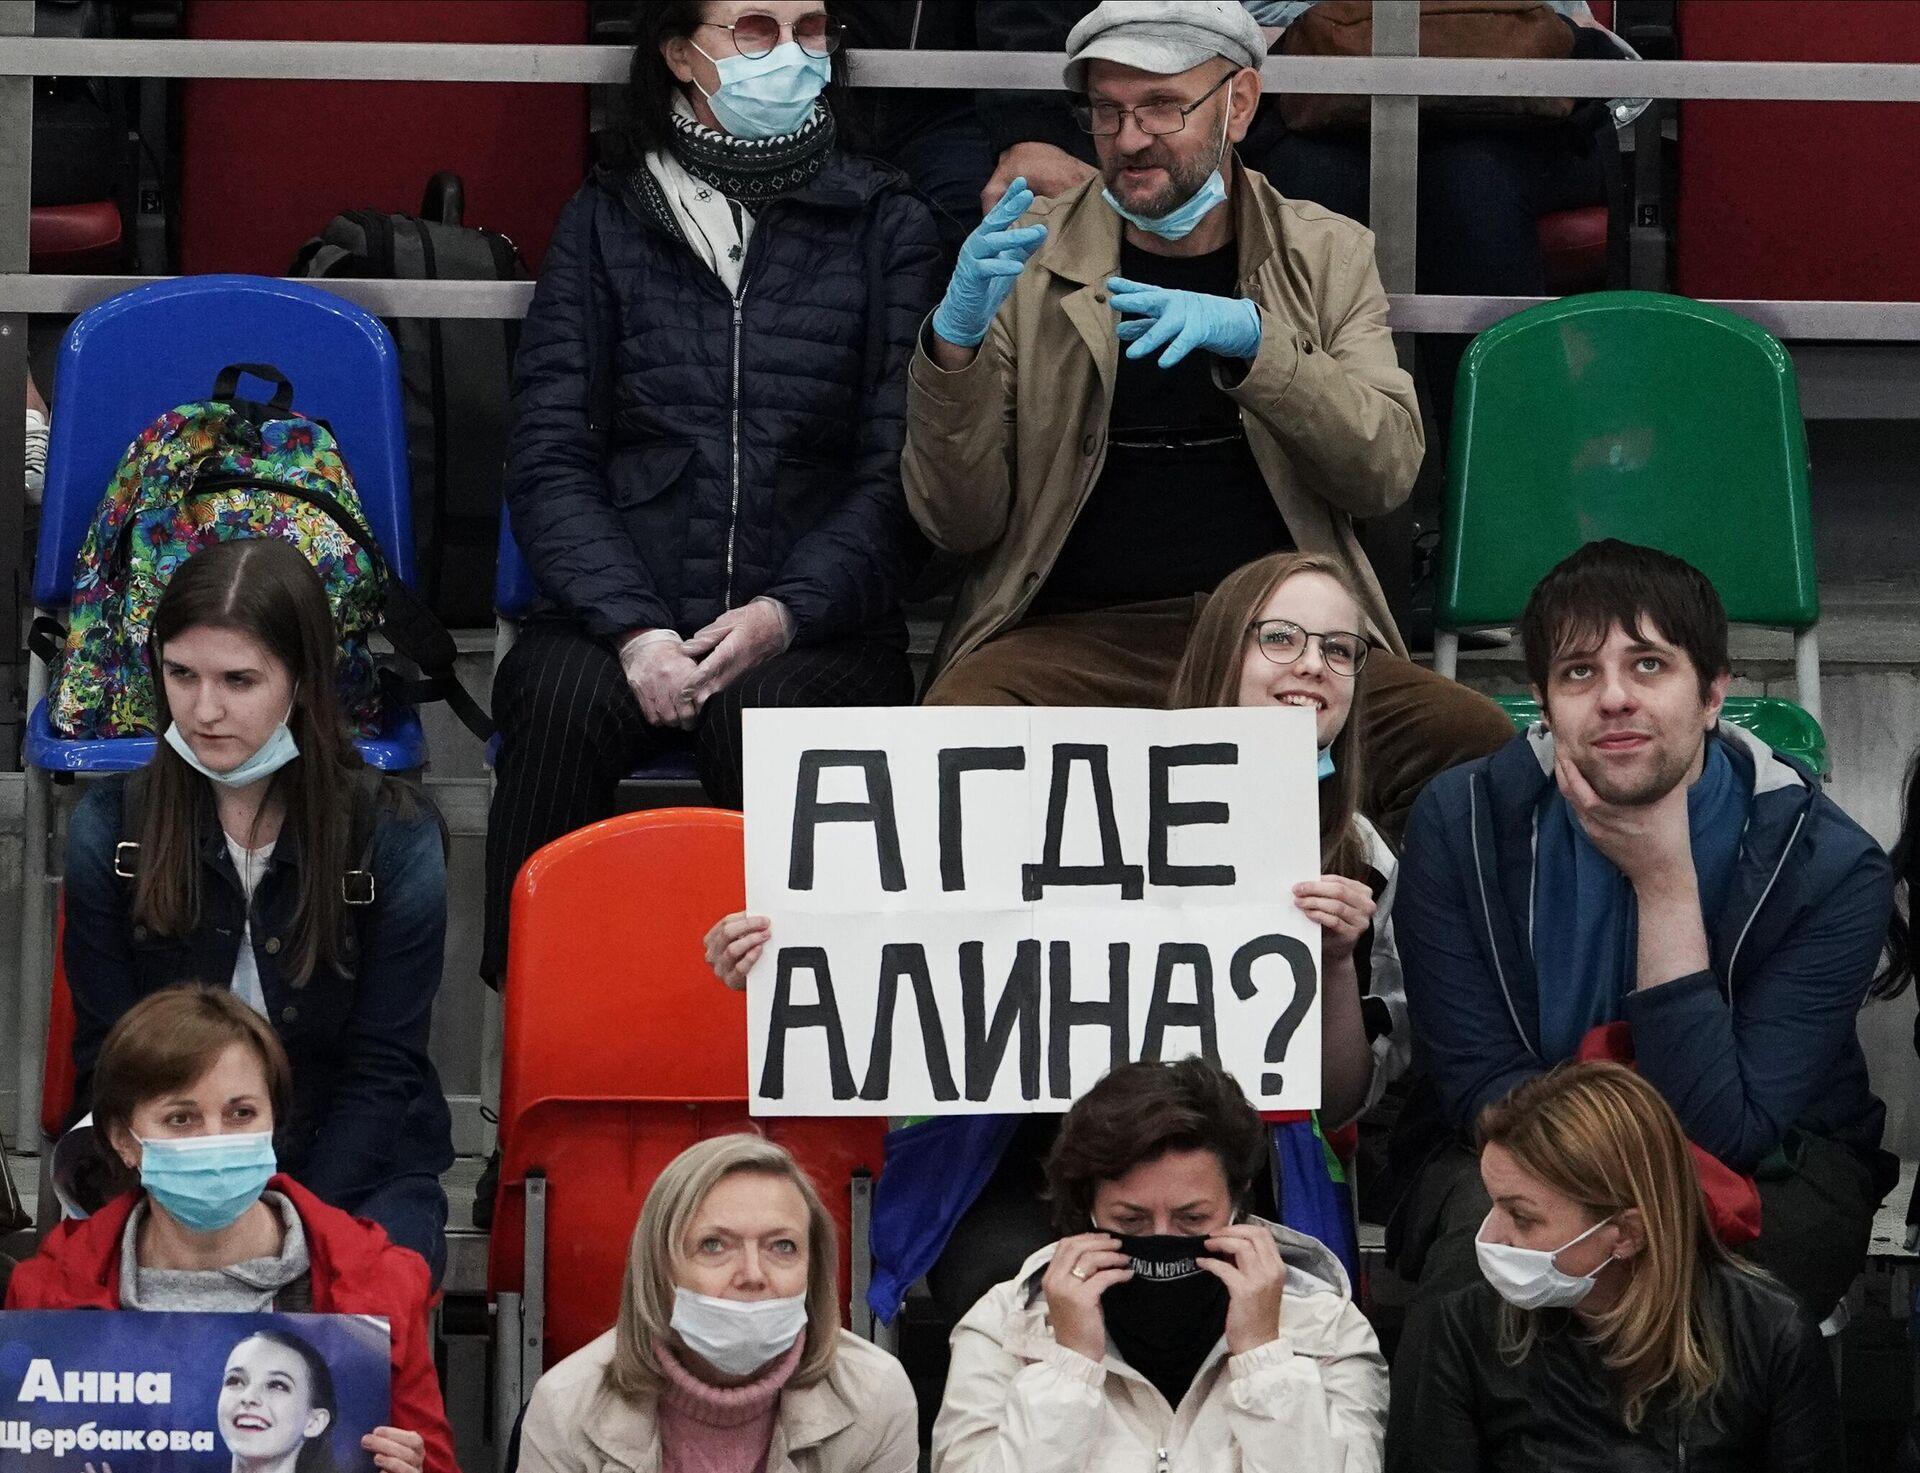 Болельщики держат плакат с надписью А где Алина? - РИА Новости, 1920, 12.09.2020